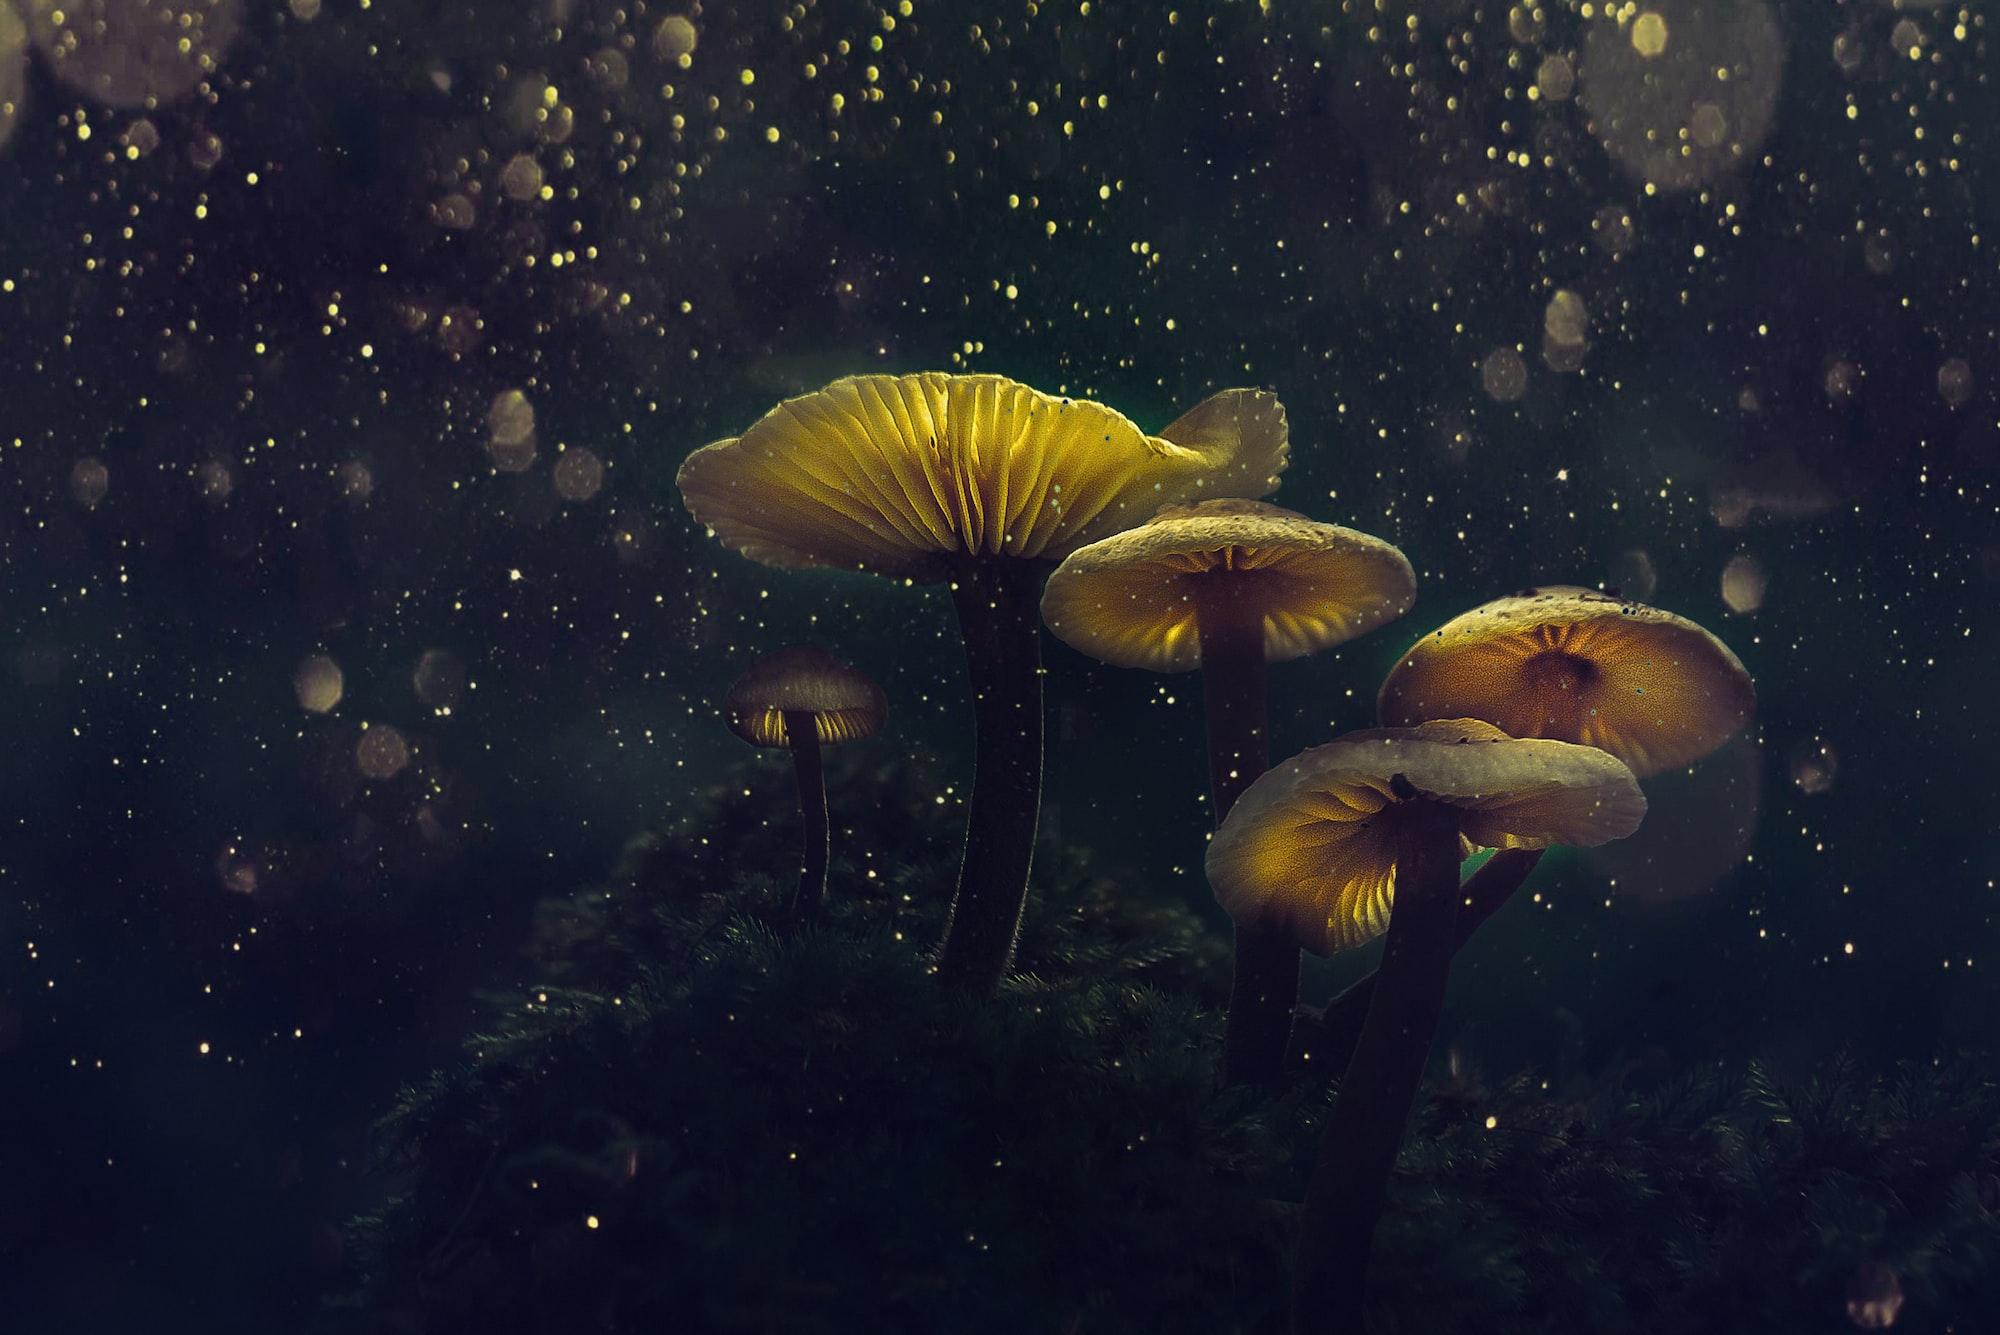 Světélkující rostliny. Mechanismus, který umožní úprava pomocí DNA hub